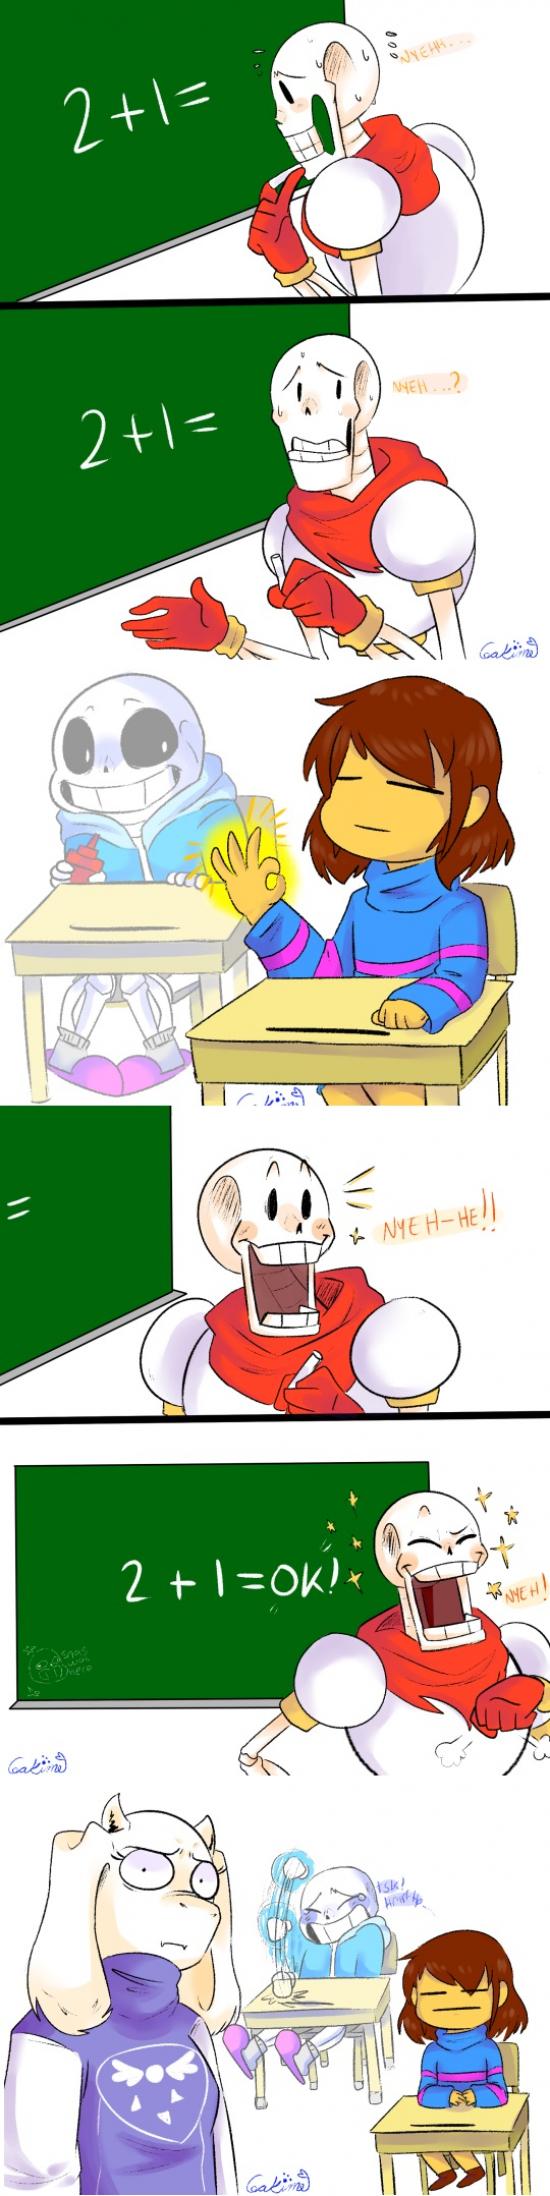 Otros - Cuando te dan la solución tus compañeros de clase